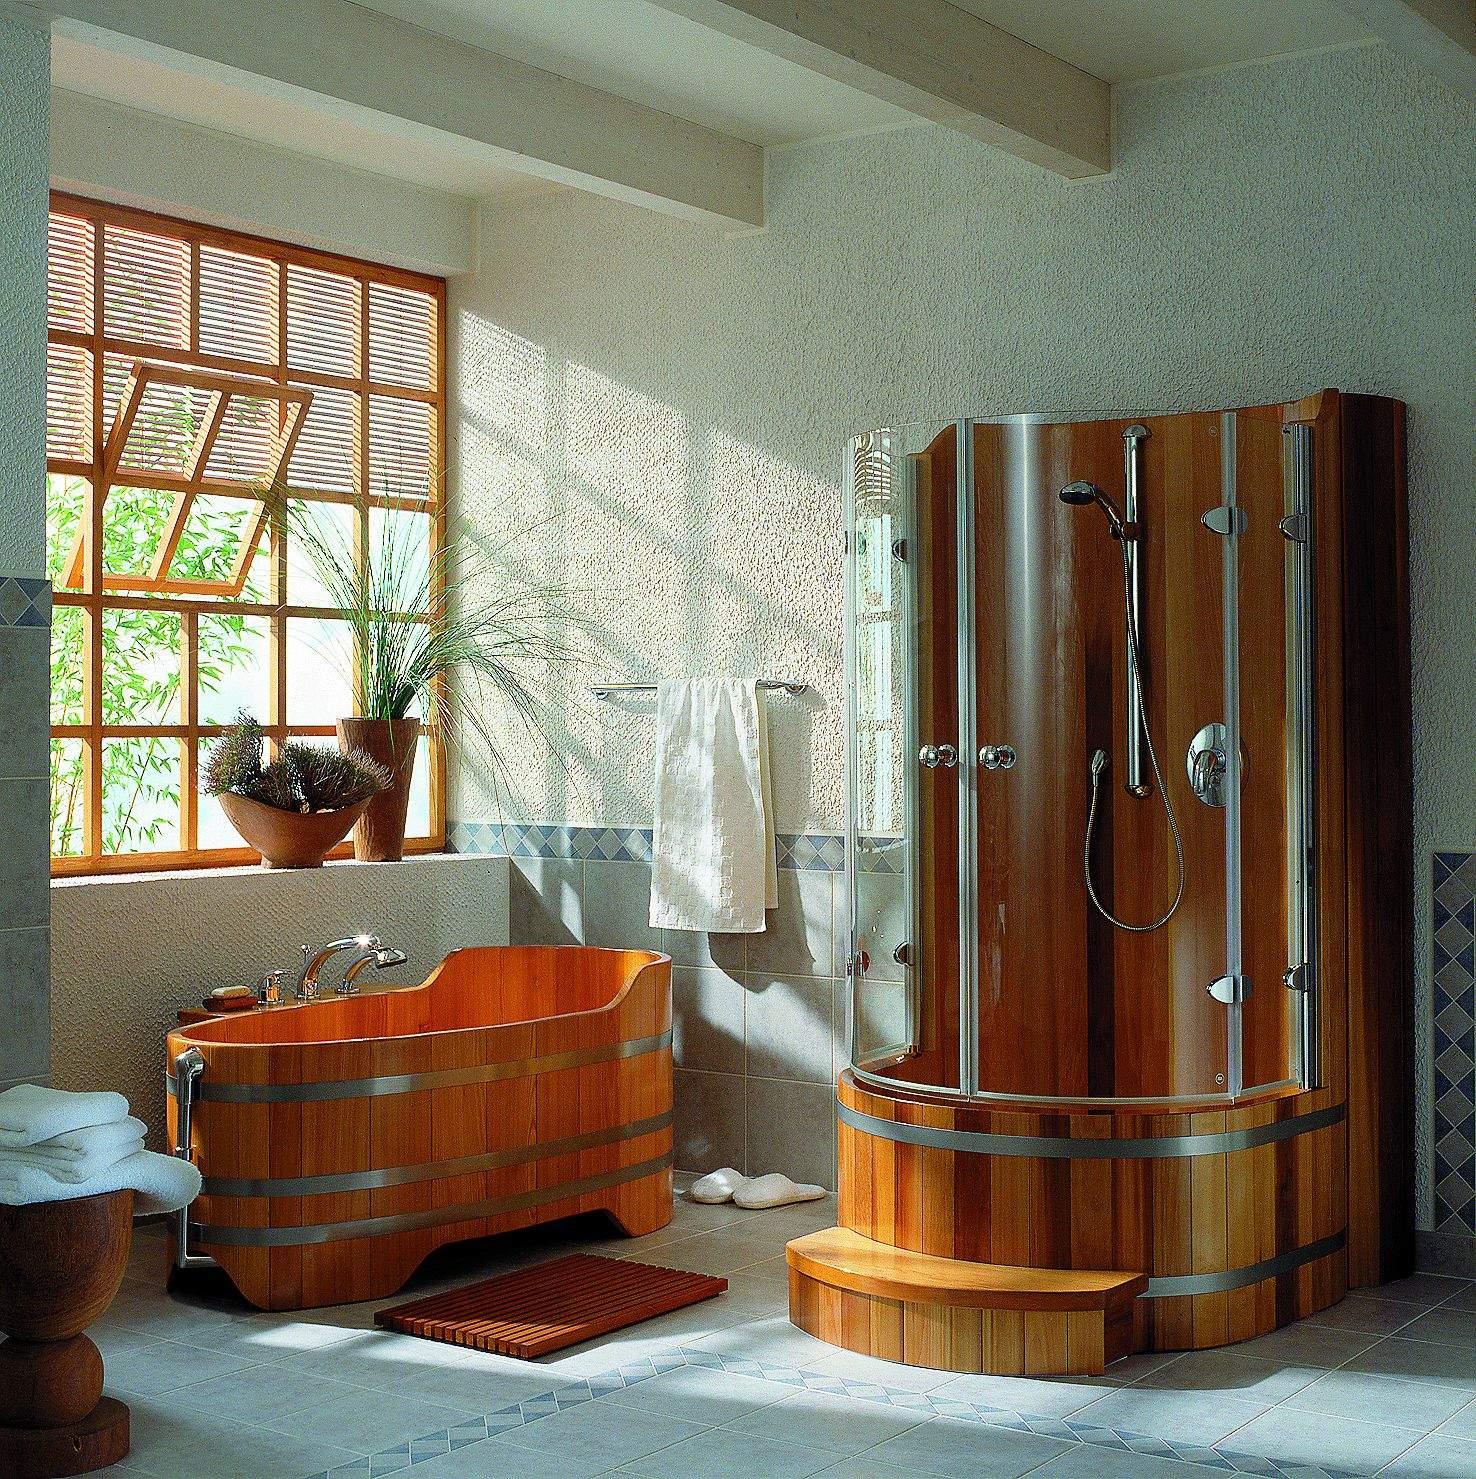 Meuble salle de bain bois exotique for Salle de douche bois